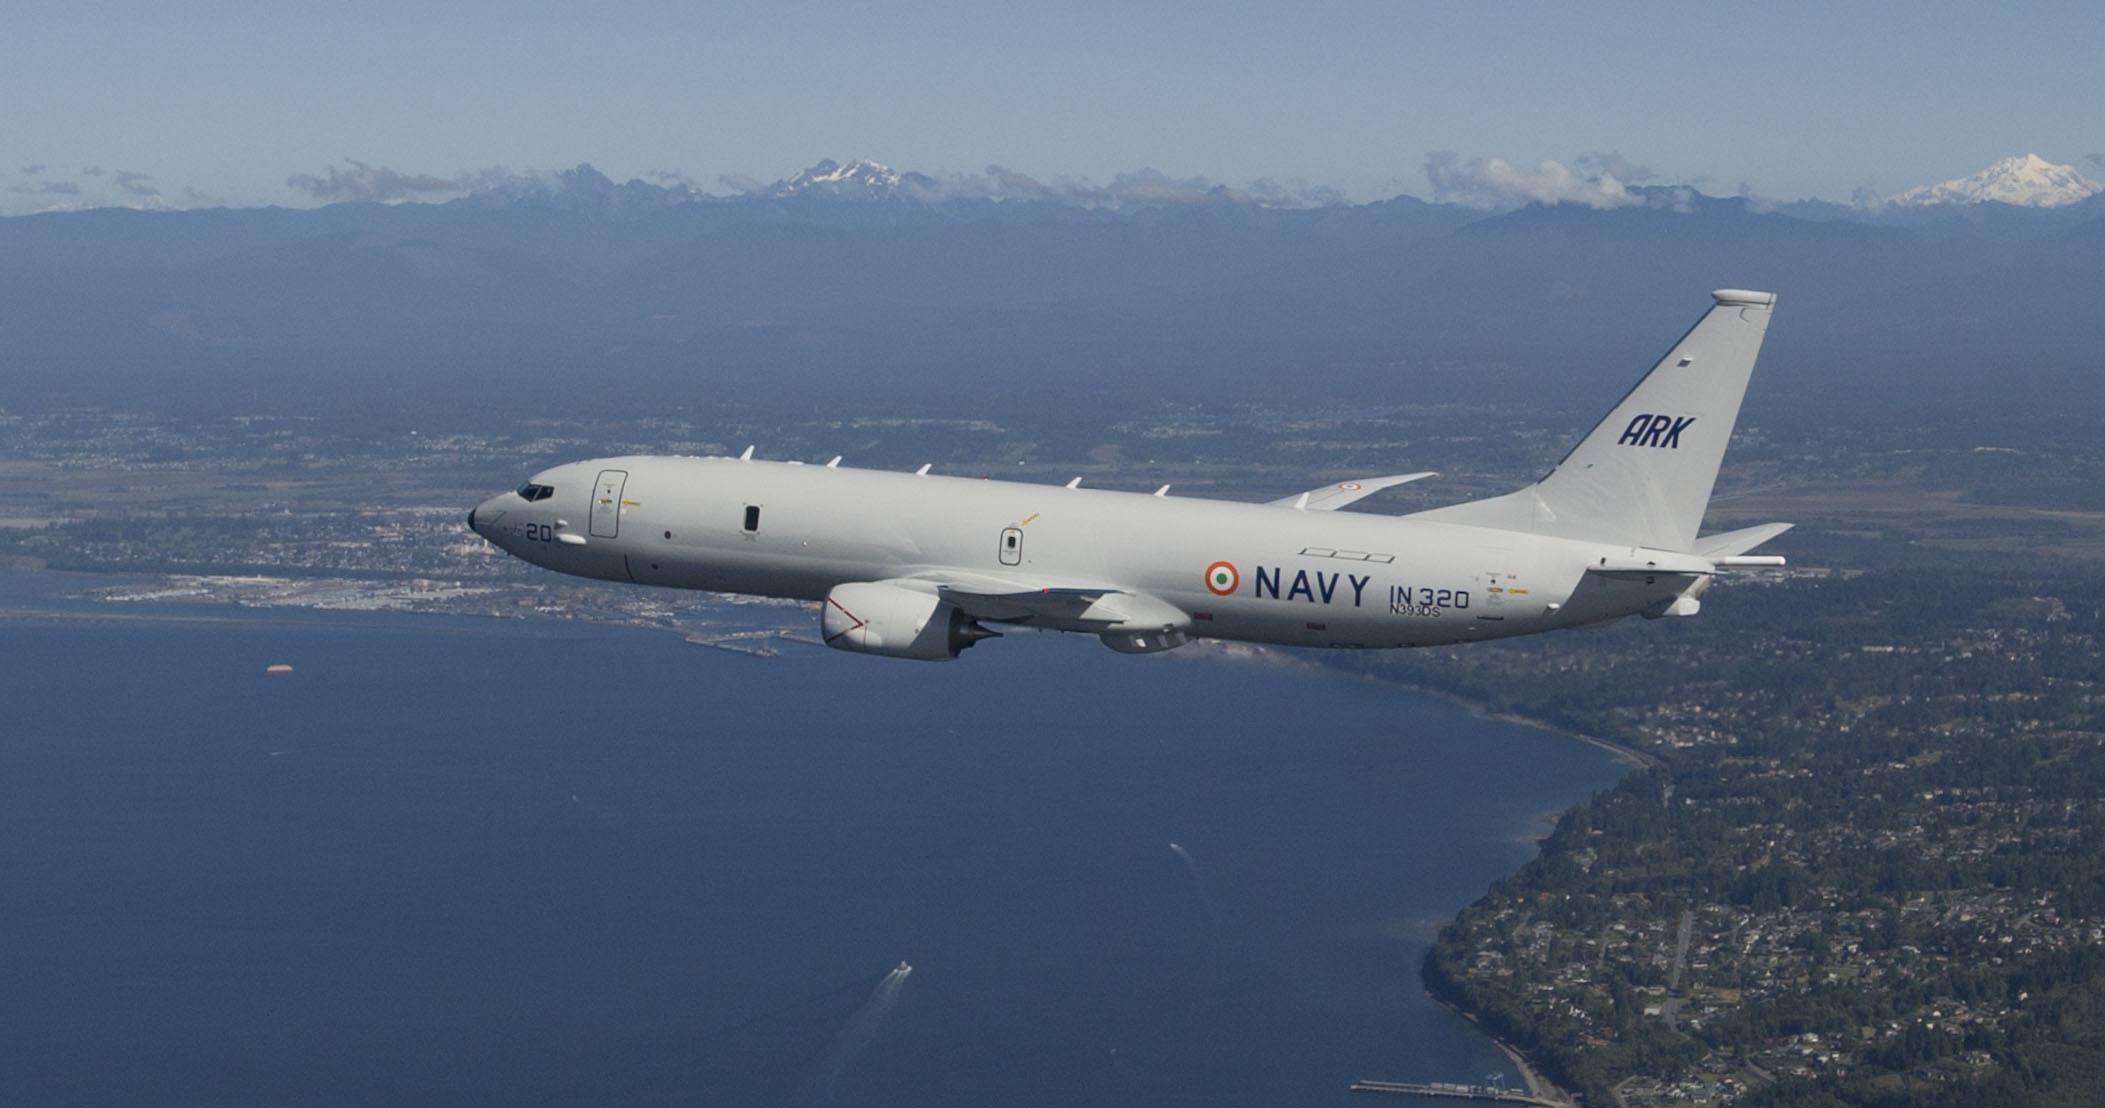 印日反潜机在印度洋练反潜 印媒暗示或针对中国